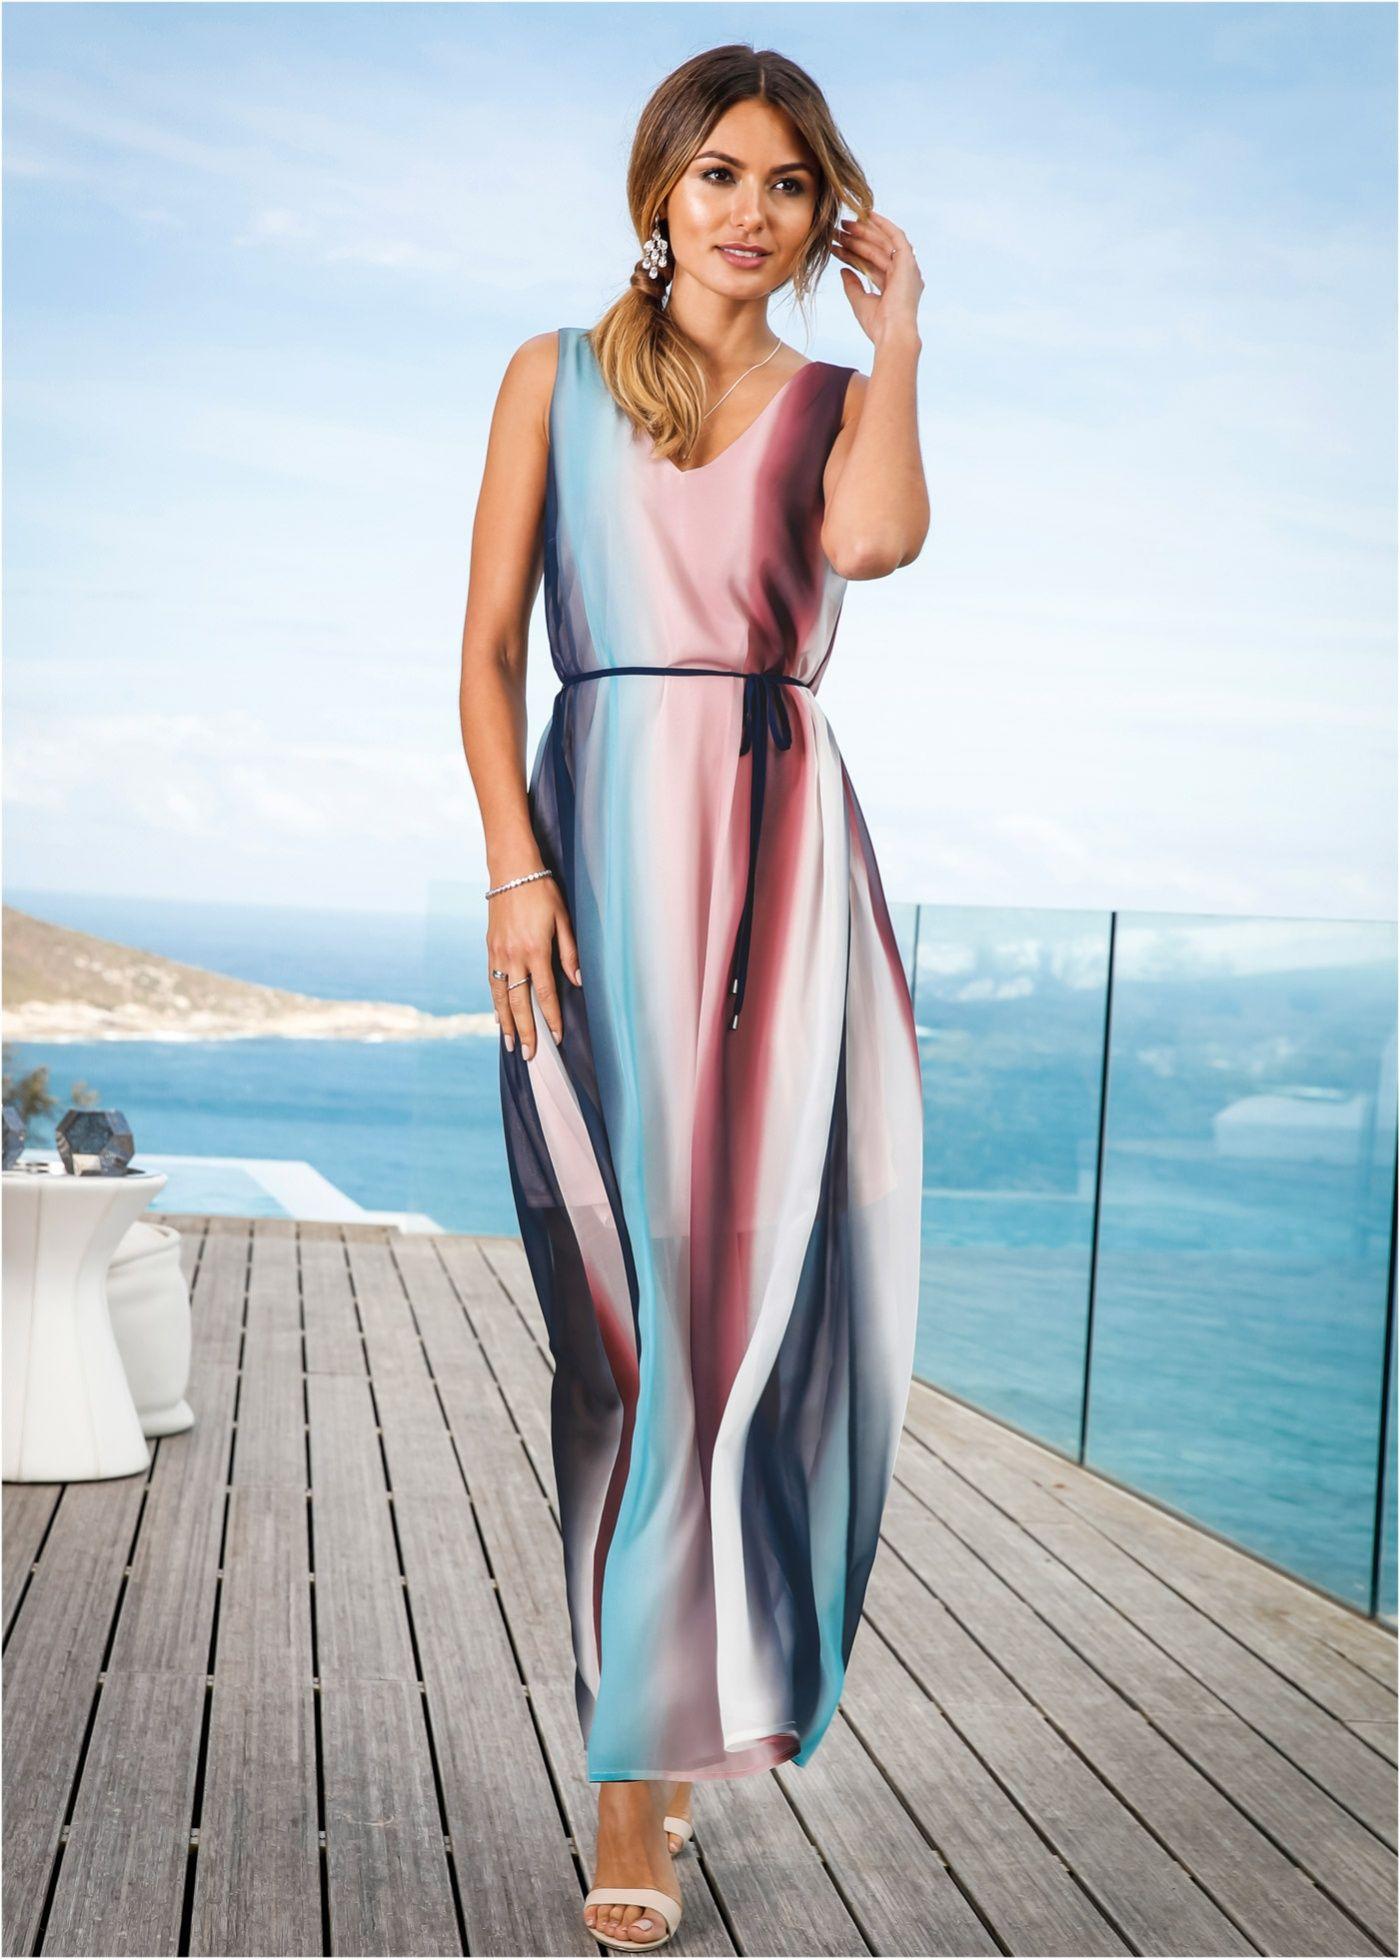 Chiffon-Maxikleid mit Farbverlauf rosa/dunkelblau/polarmint - BODYFLIRT jetzt im Online Shop von bonprix.de ab ? 49,99 bestellen. Aufregendes ...